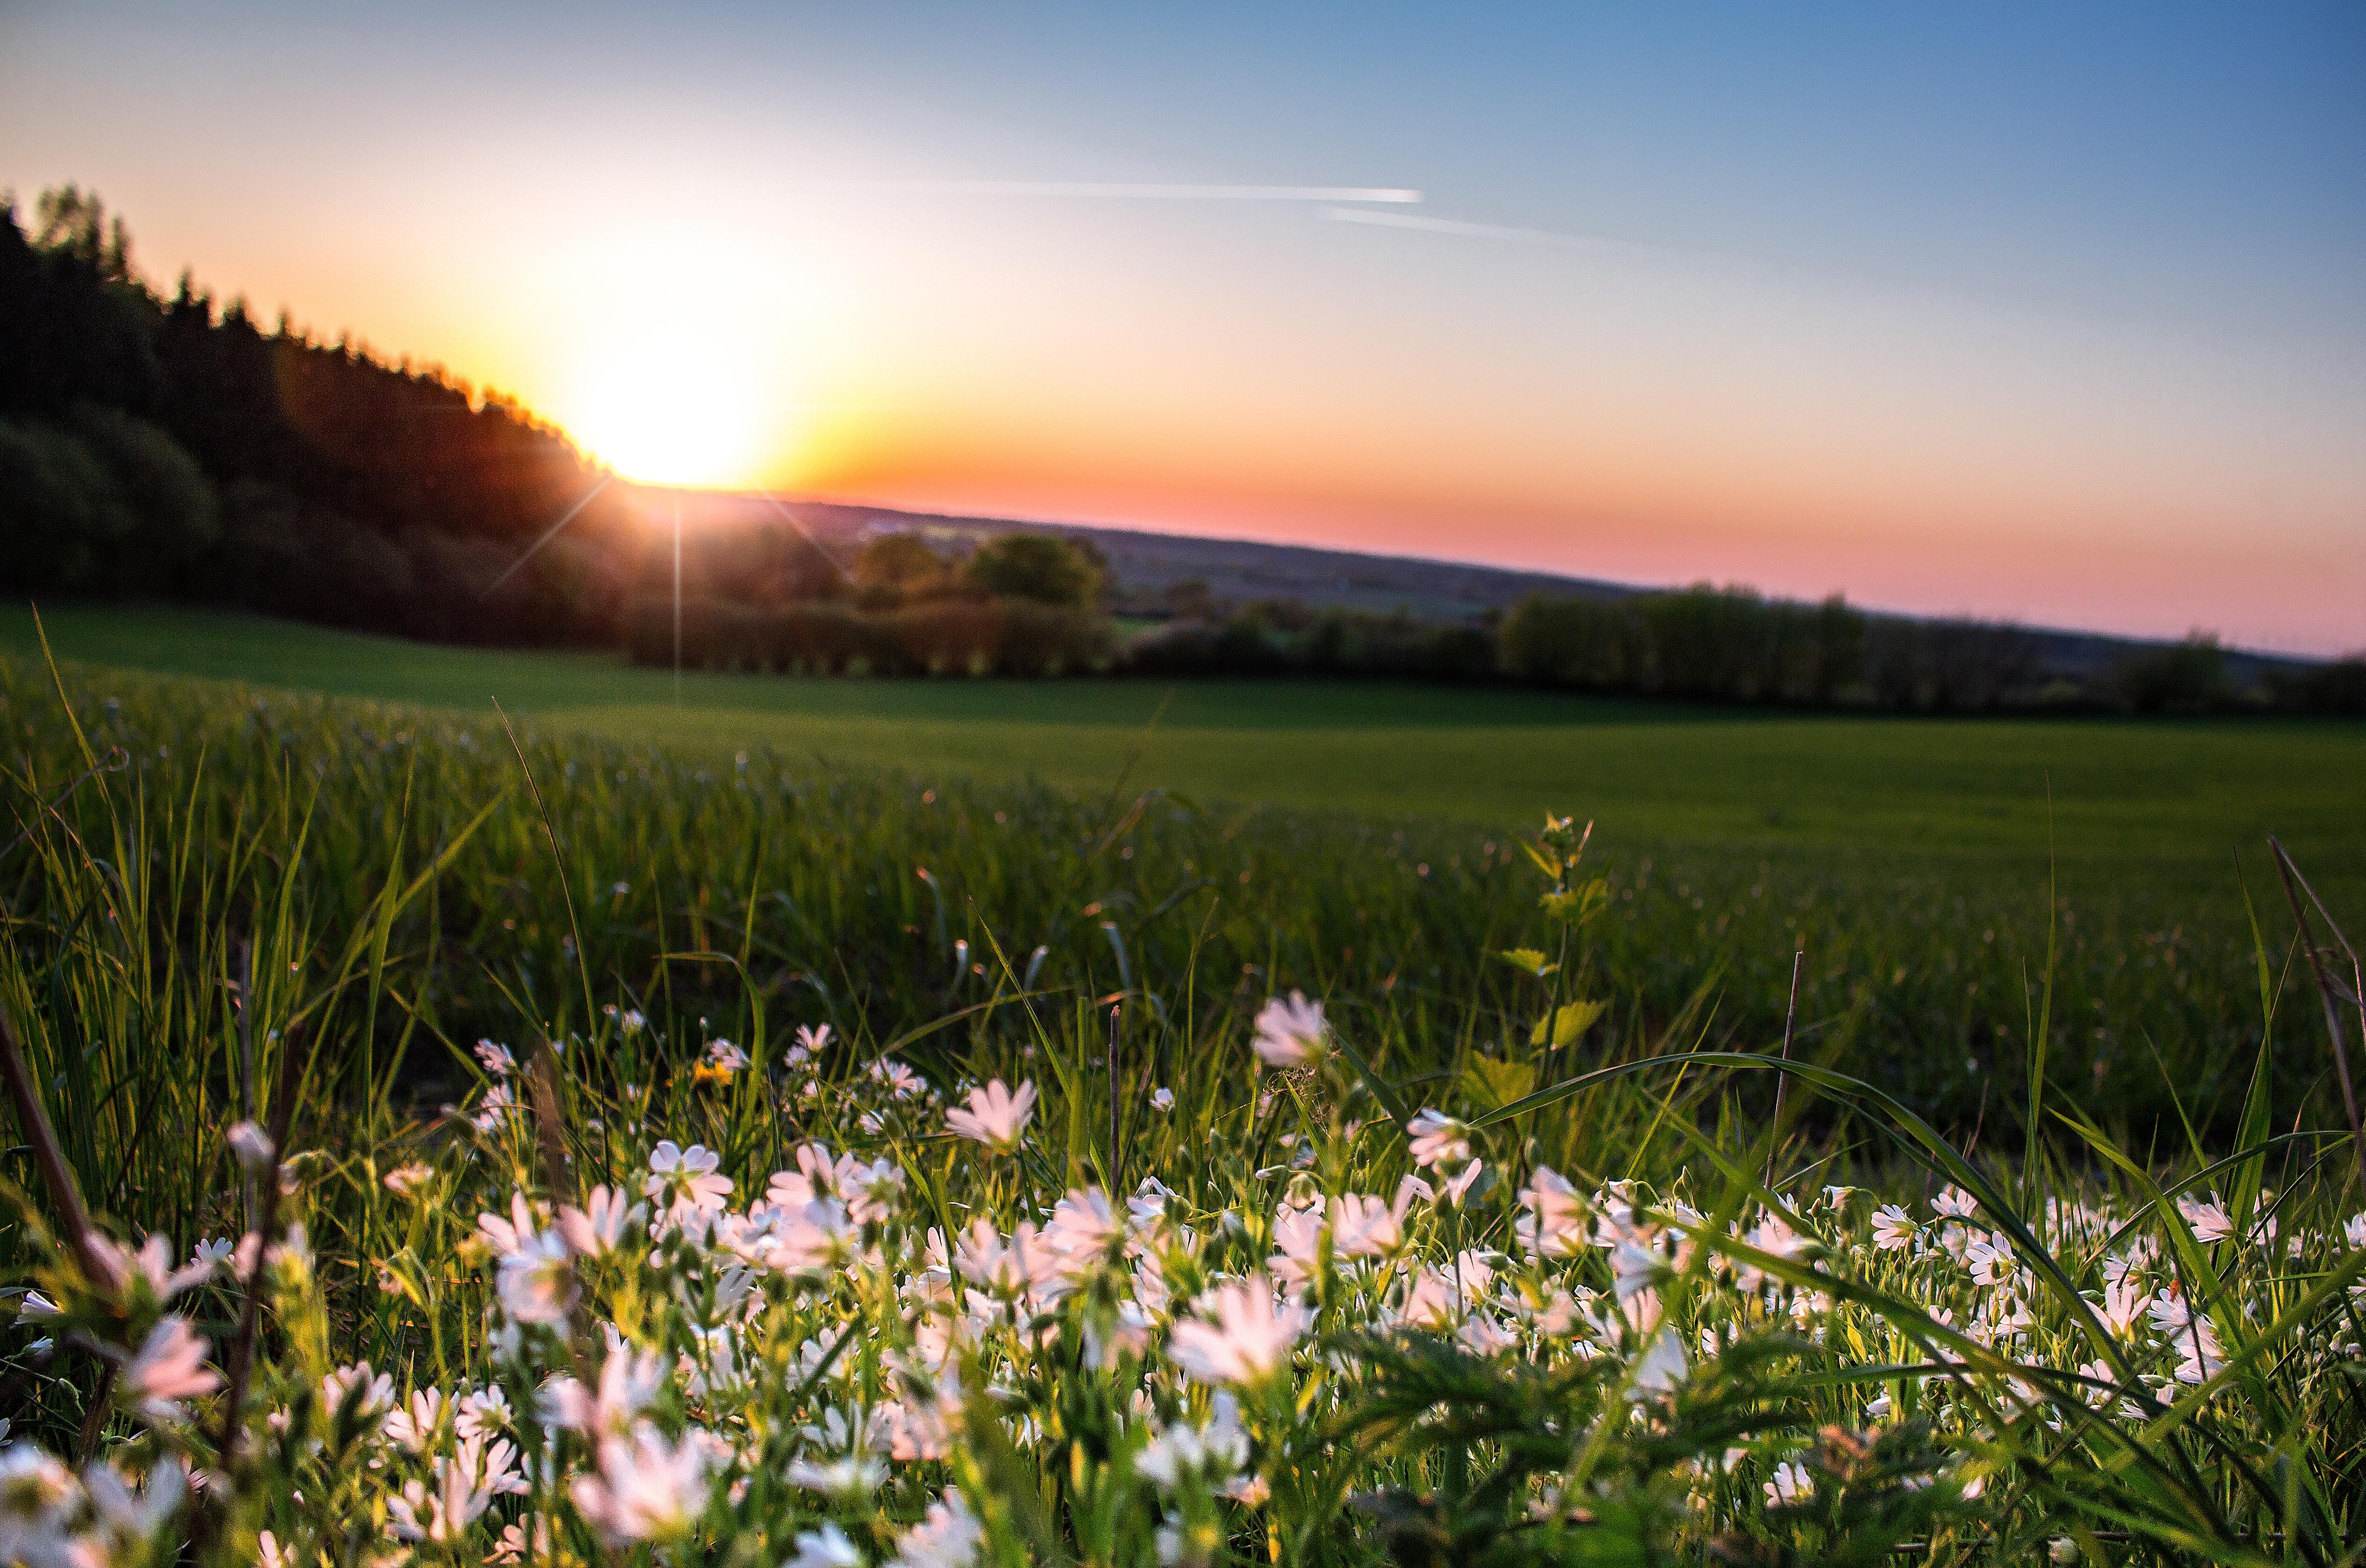 официальной странице красивые фото цветочных полей на рассвете любые фотографий как